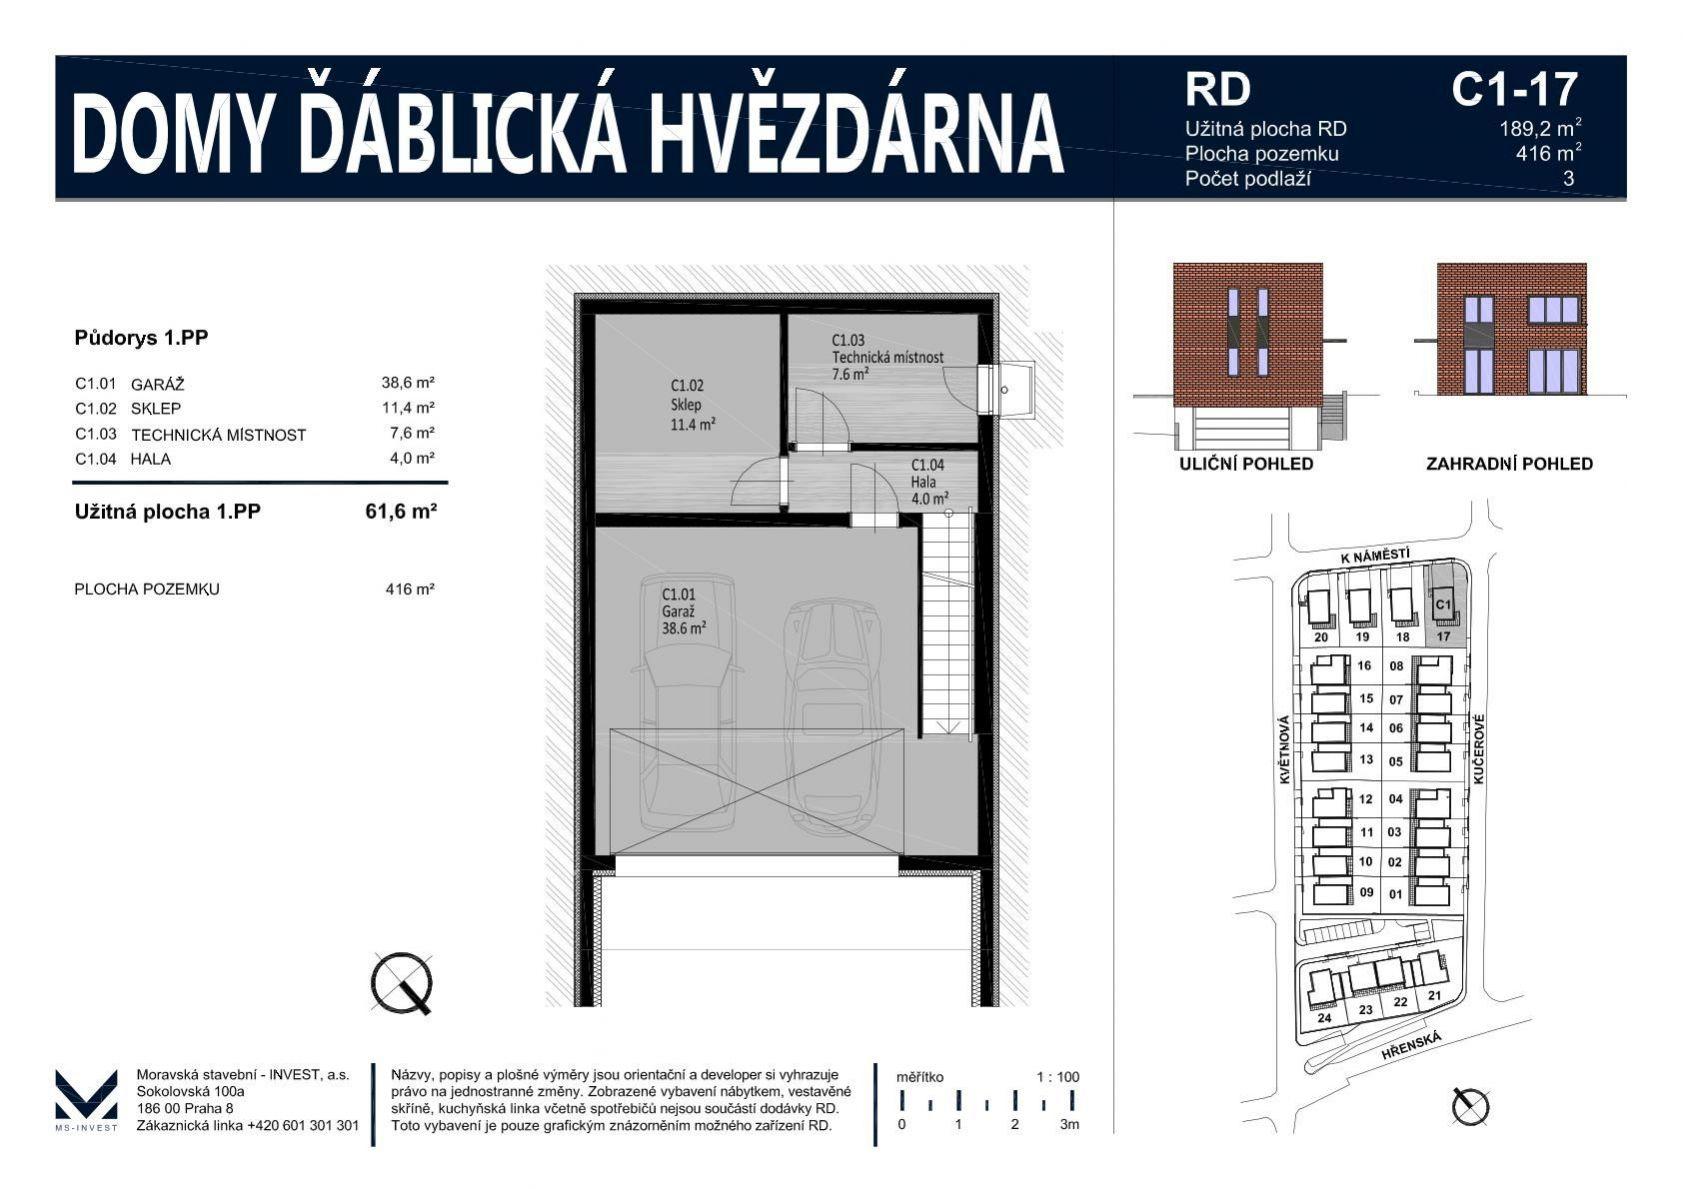 Prodej nového rodinného domu 189 m2 na pozemku 416 m2